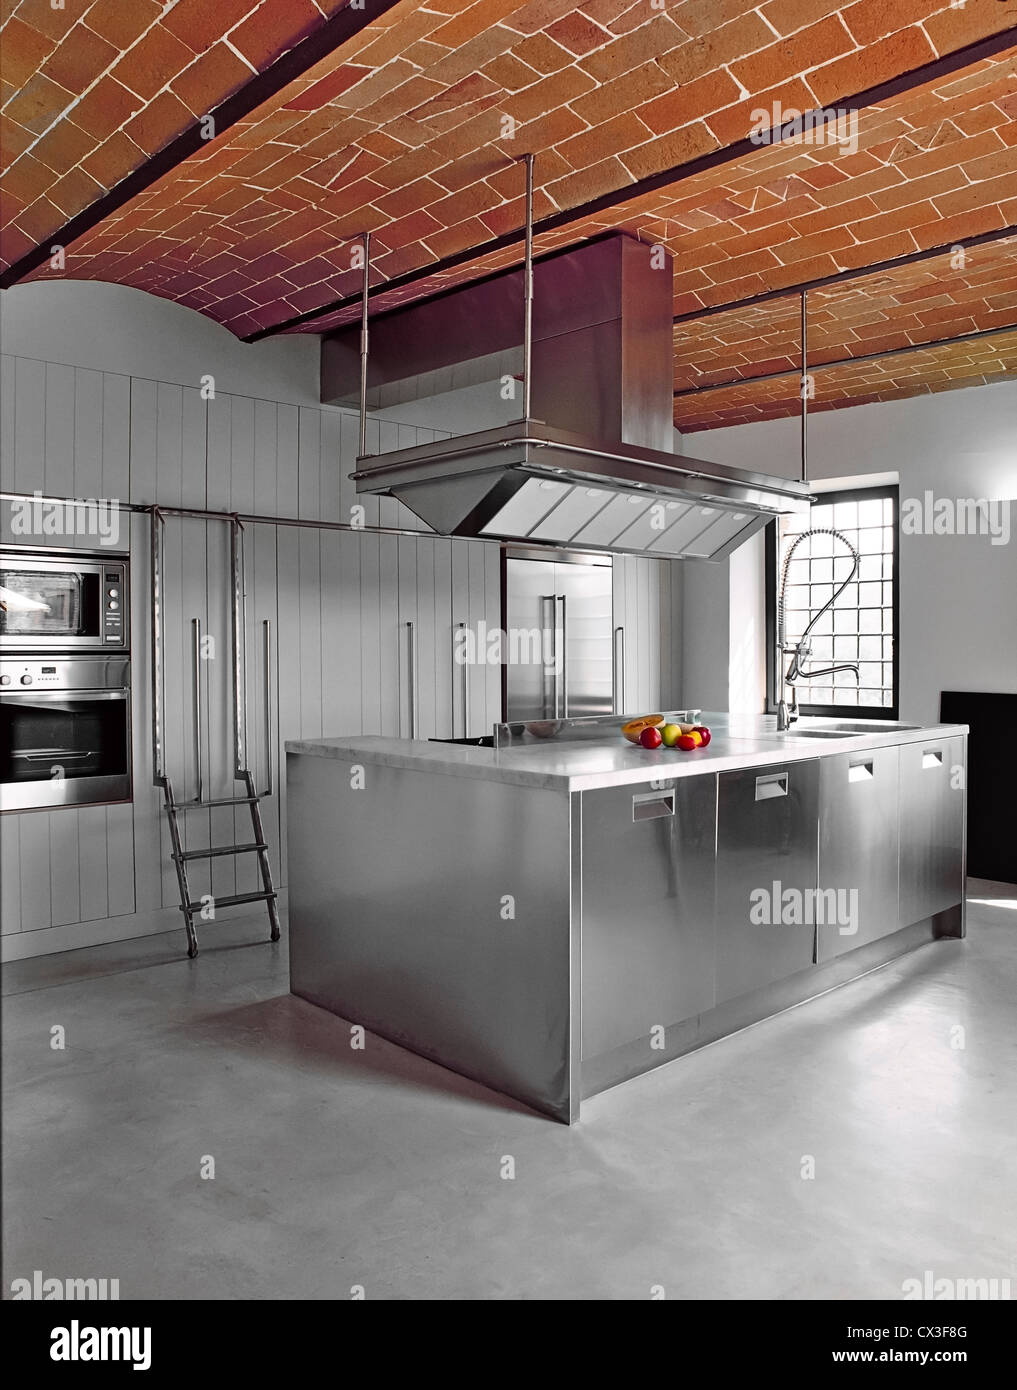 Moderne Kuche Mit Konkreten Fussboden Und Ziegeln Gewolbe Stockfoto